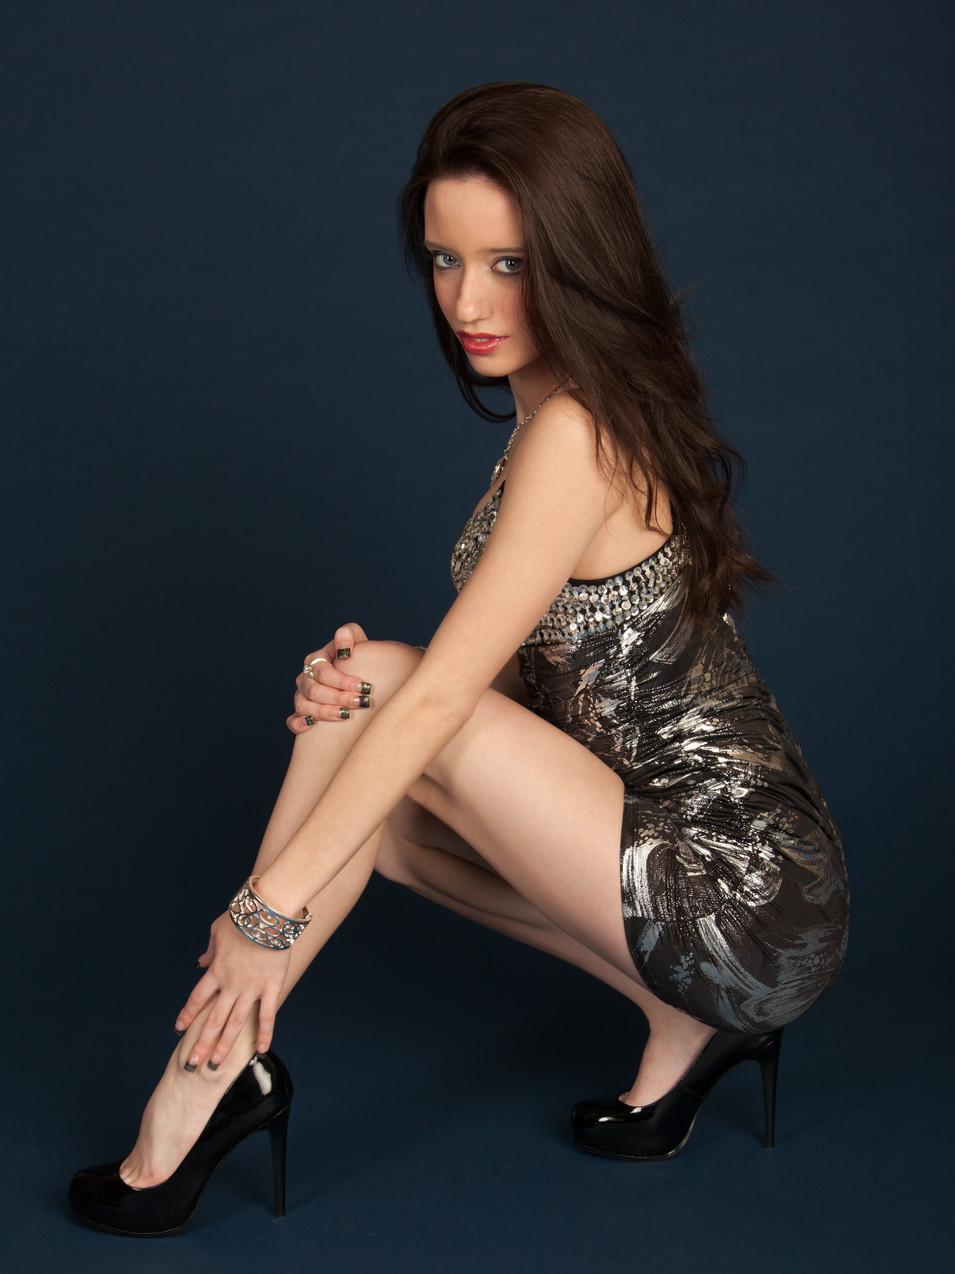 Portrait photo of brunette woman kneeling down with hand on leg - Medford photographer, John Neilson